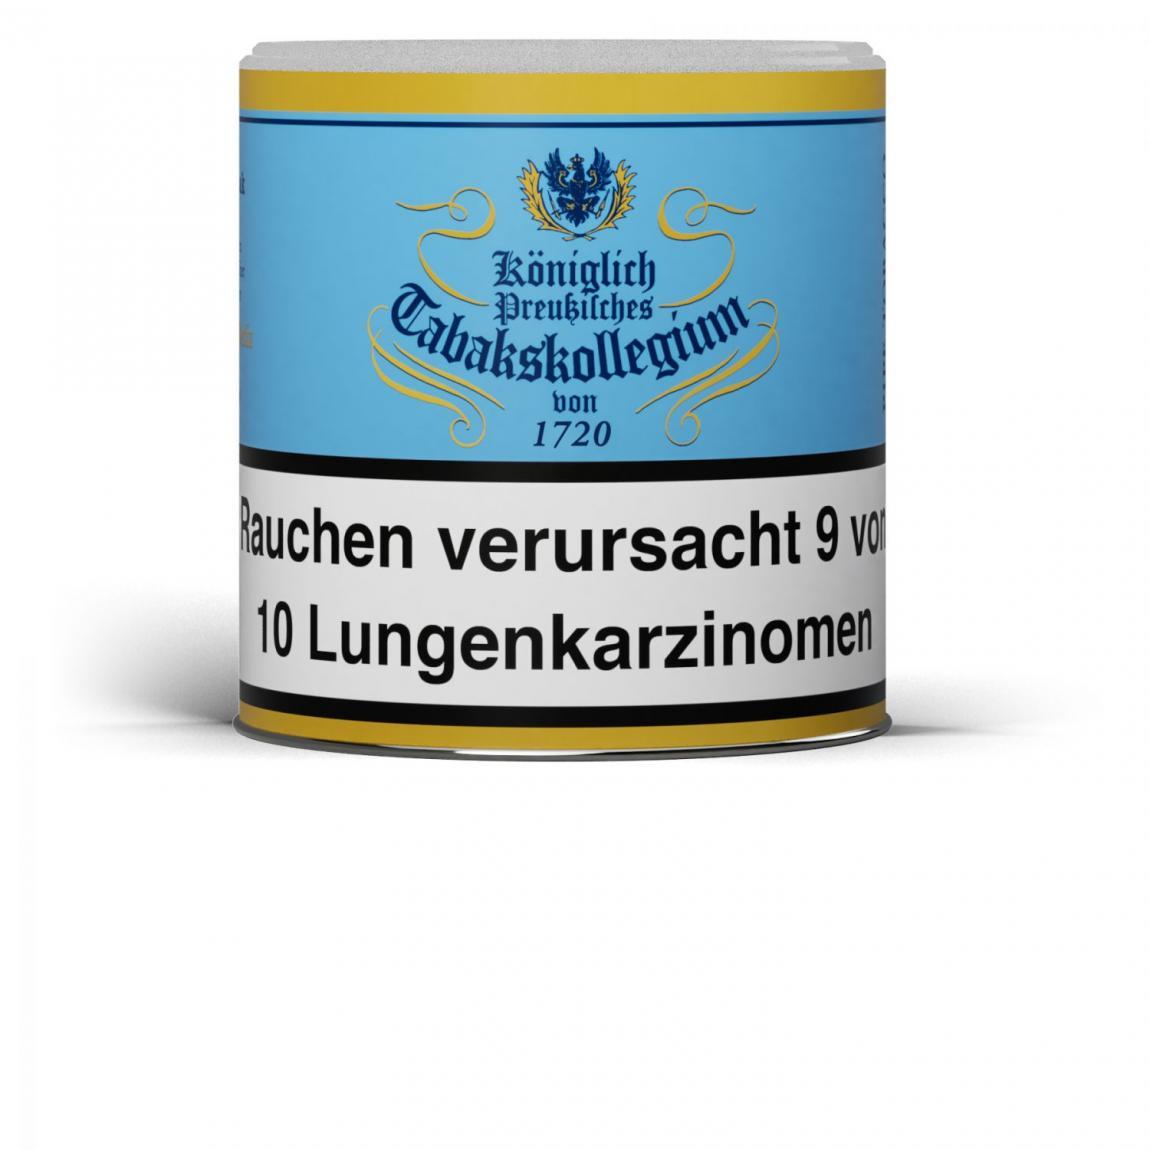 Kgl. Preußisches Tabakskollegium von 1720 (blau) 100g Dose